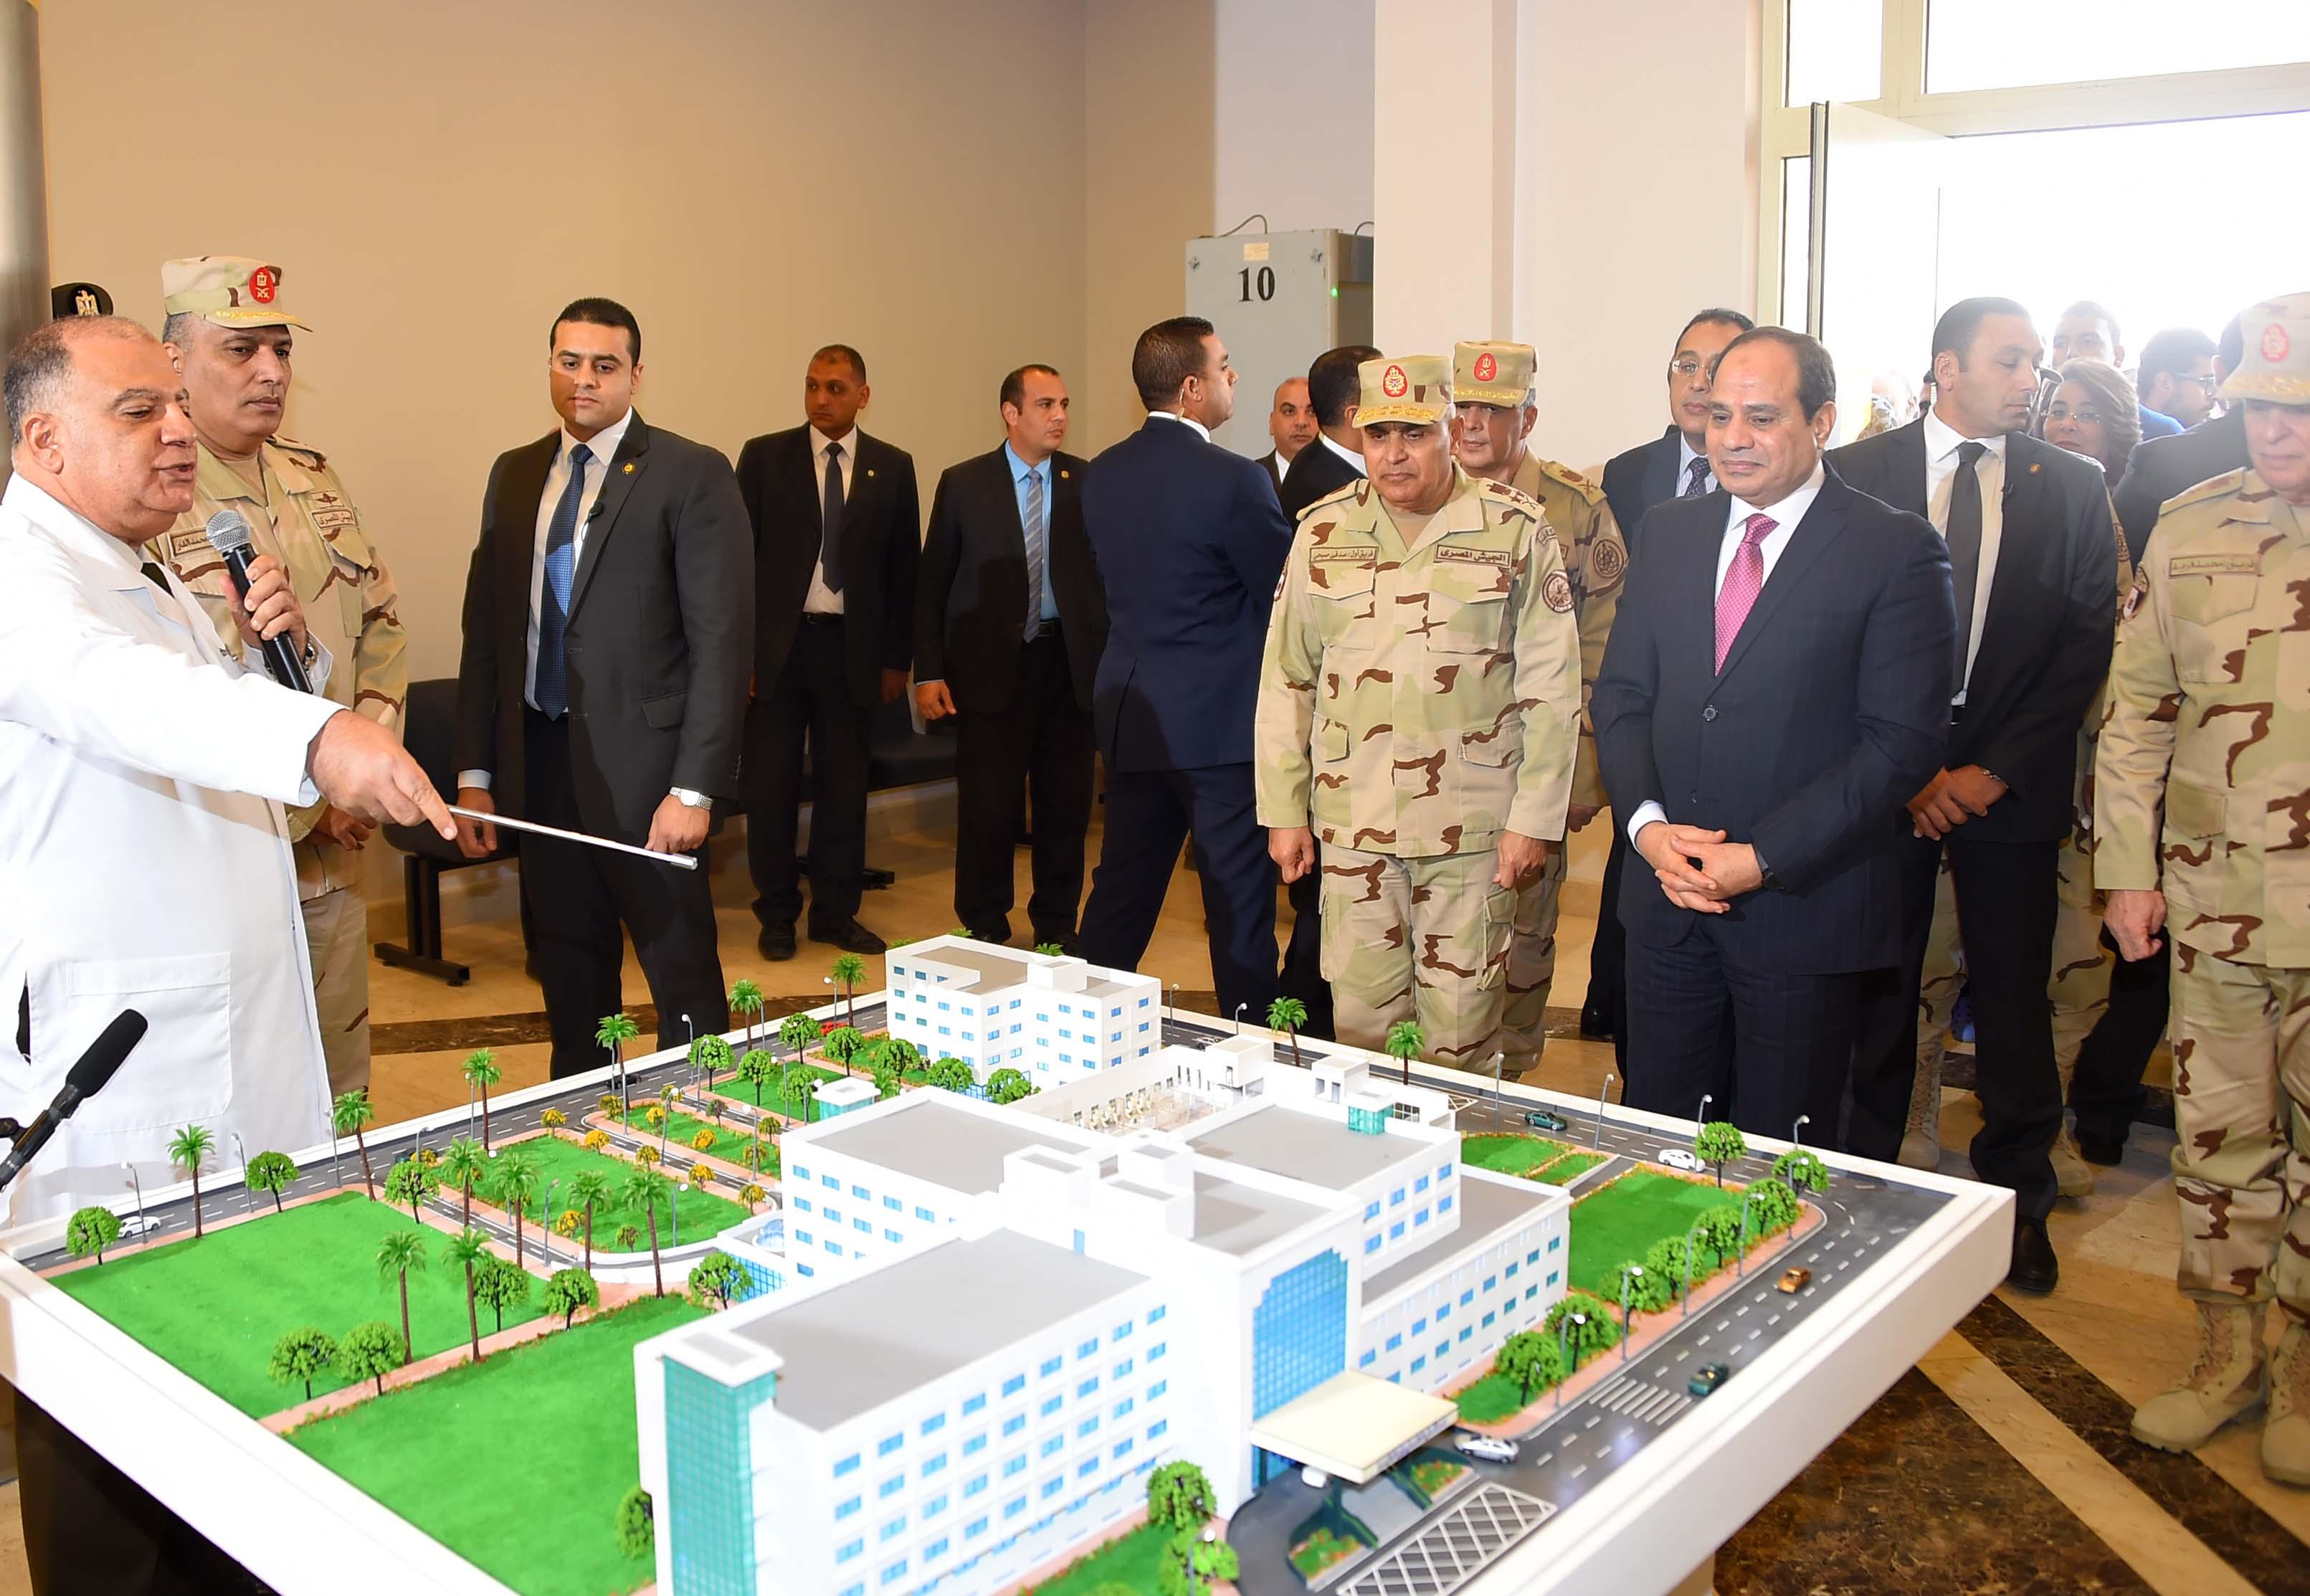 صور افتتاح السيد الرئيس لأعمال تطوير المجمع الطبي للقوات المسلحة بالمعادي12-1-2018 (2)